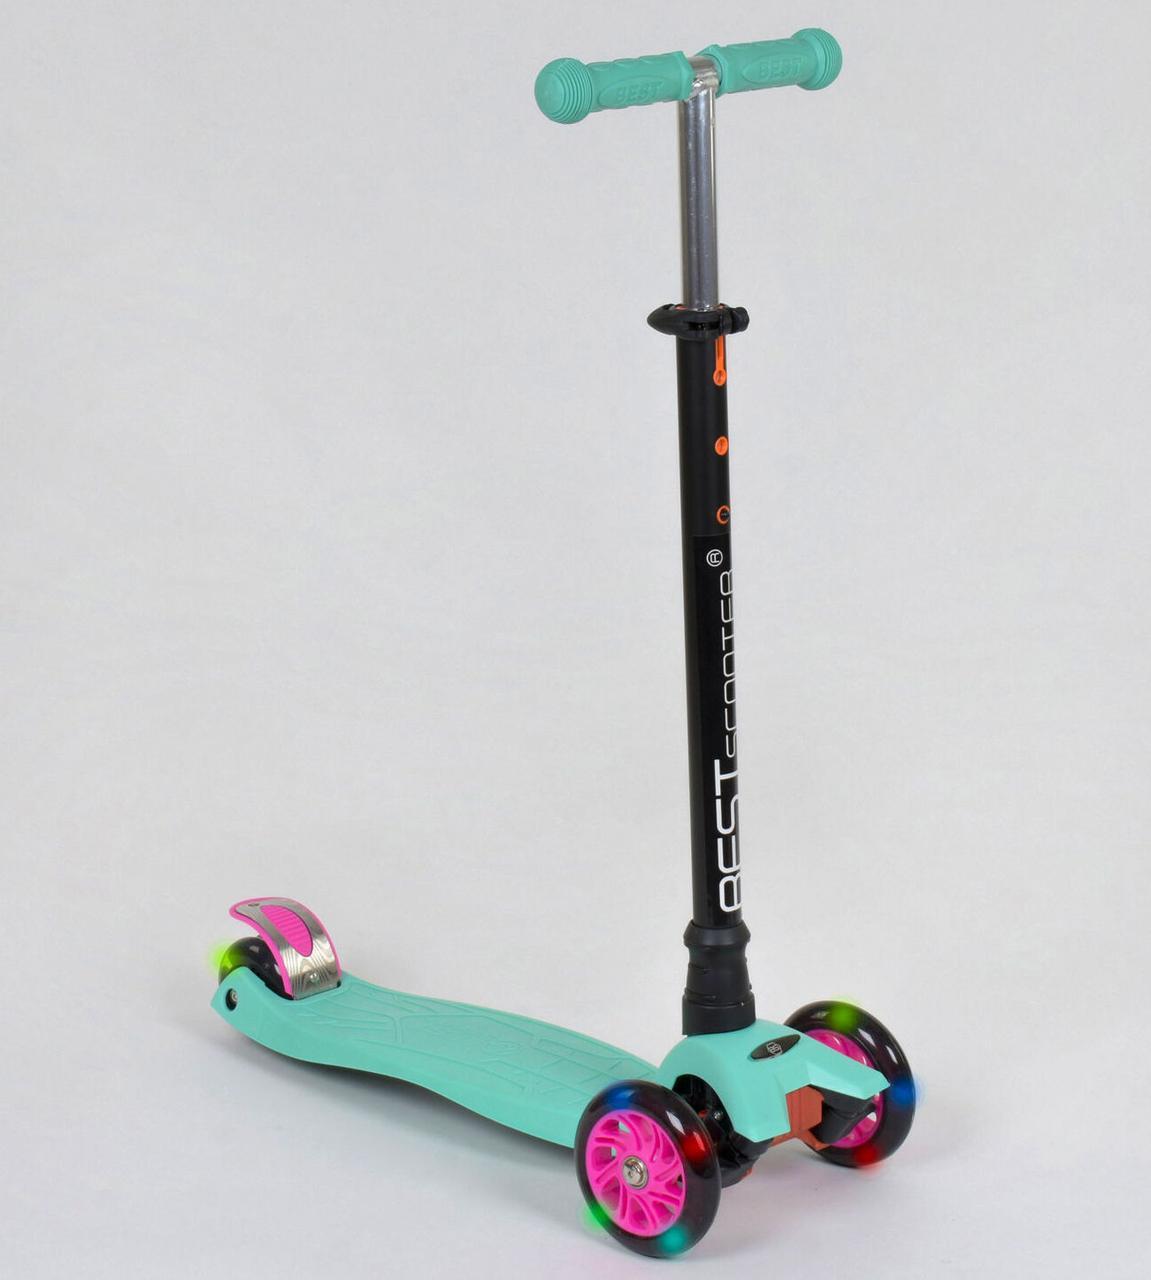 Самокат Scooter Best Maxi БИРЮЗОВЫЙ (с регулировкой ручки и светящимися колесами) арт. 24613 (466-113)